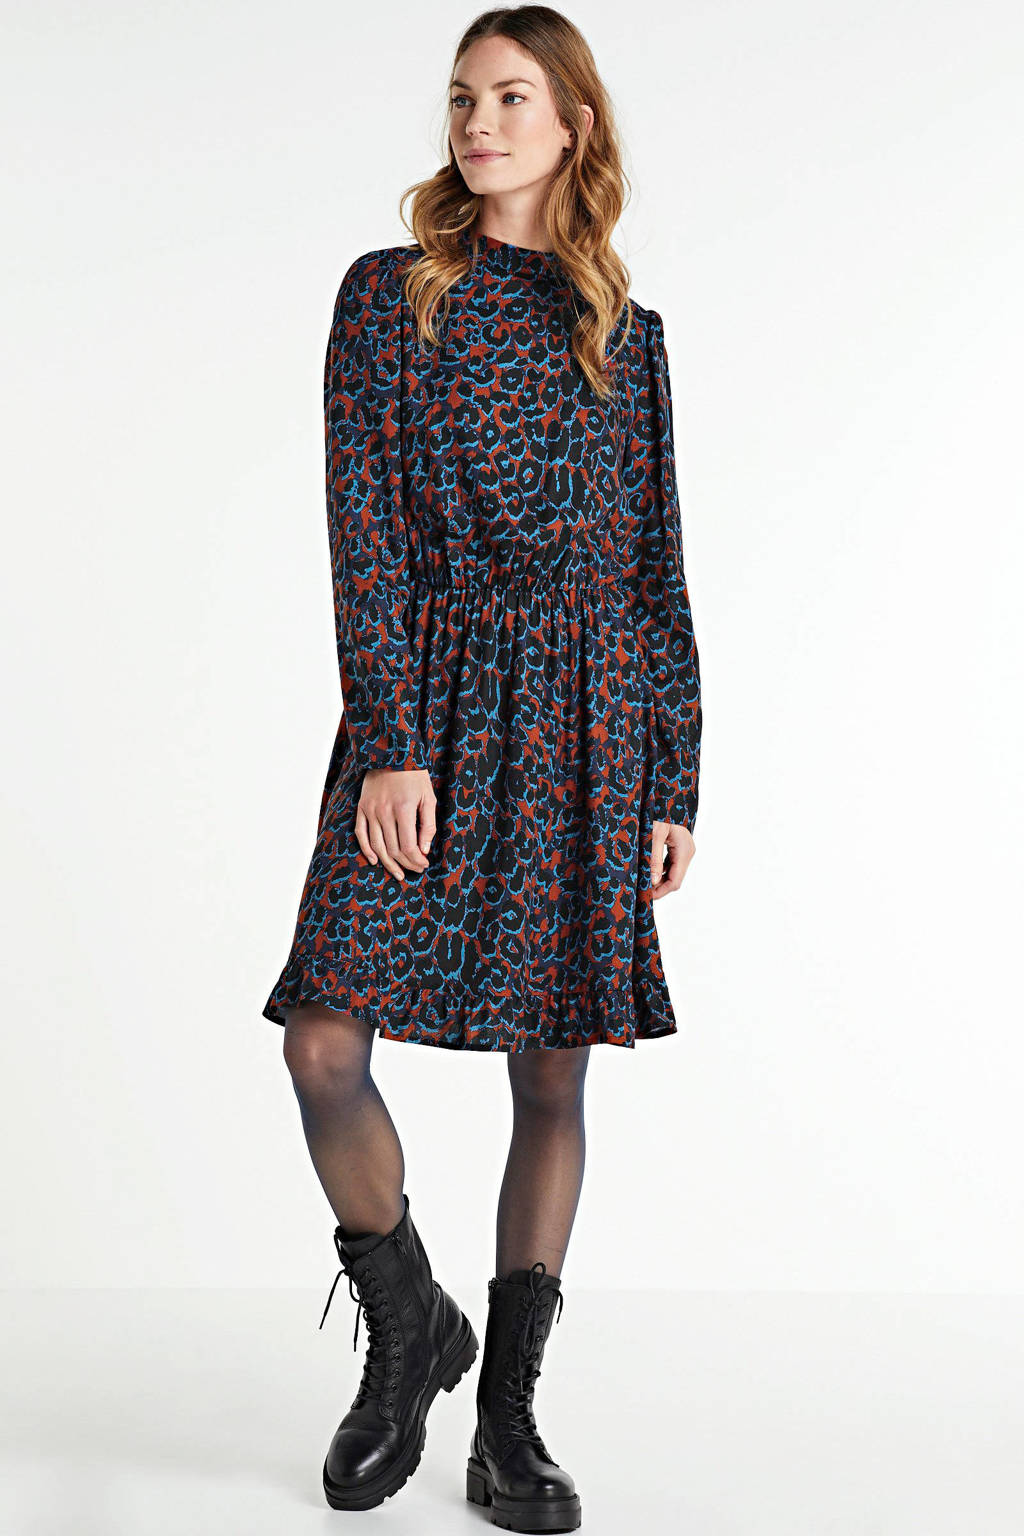 anytime jurk met all over print zwart/rood, Zwart/rood